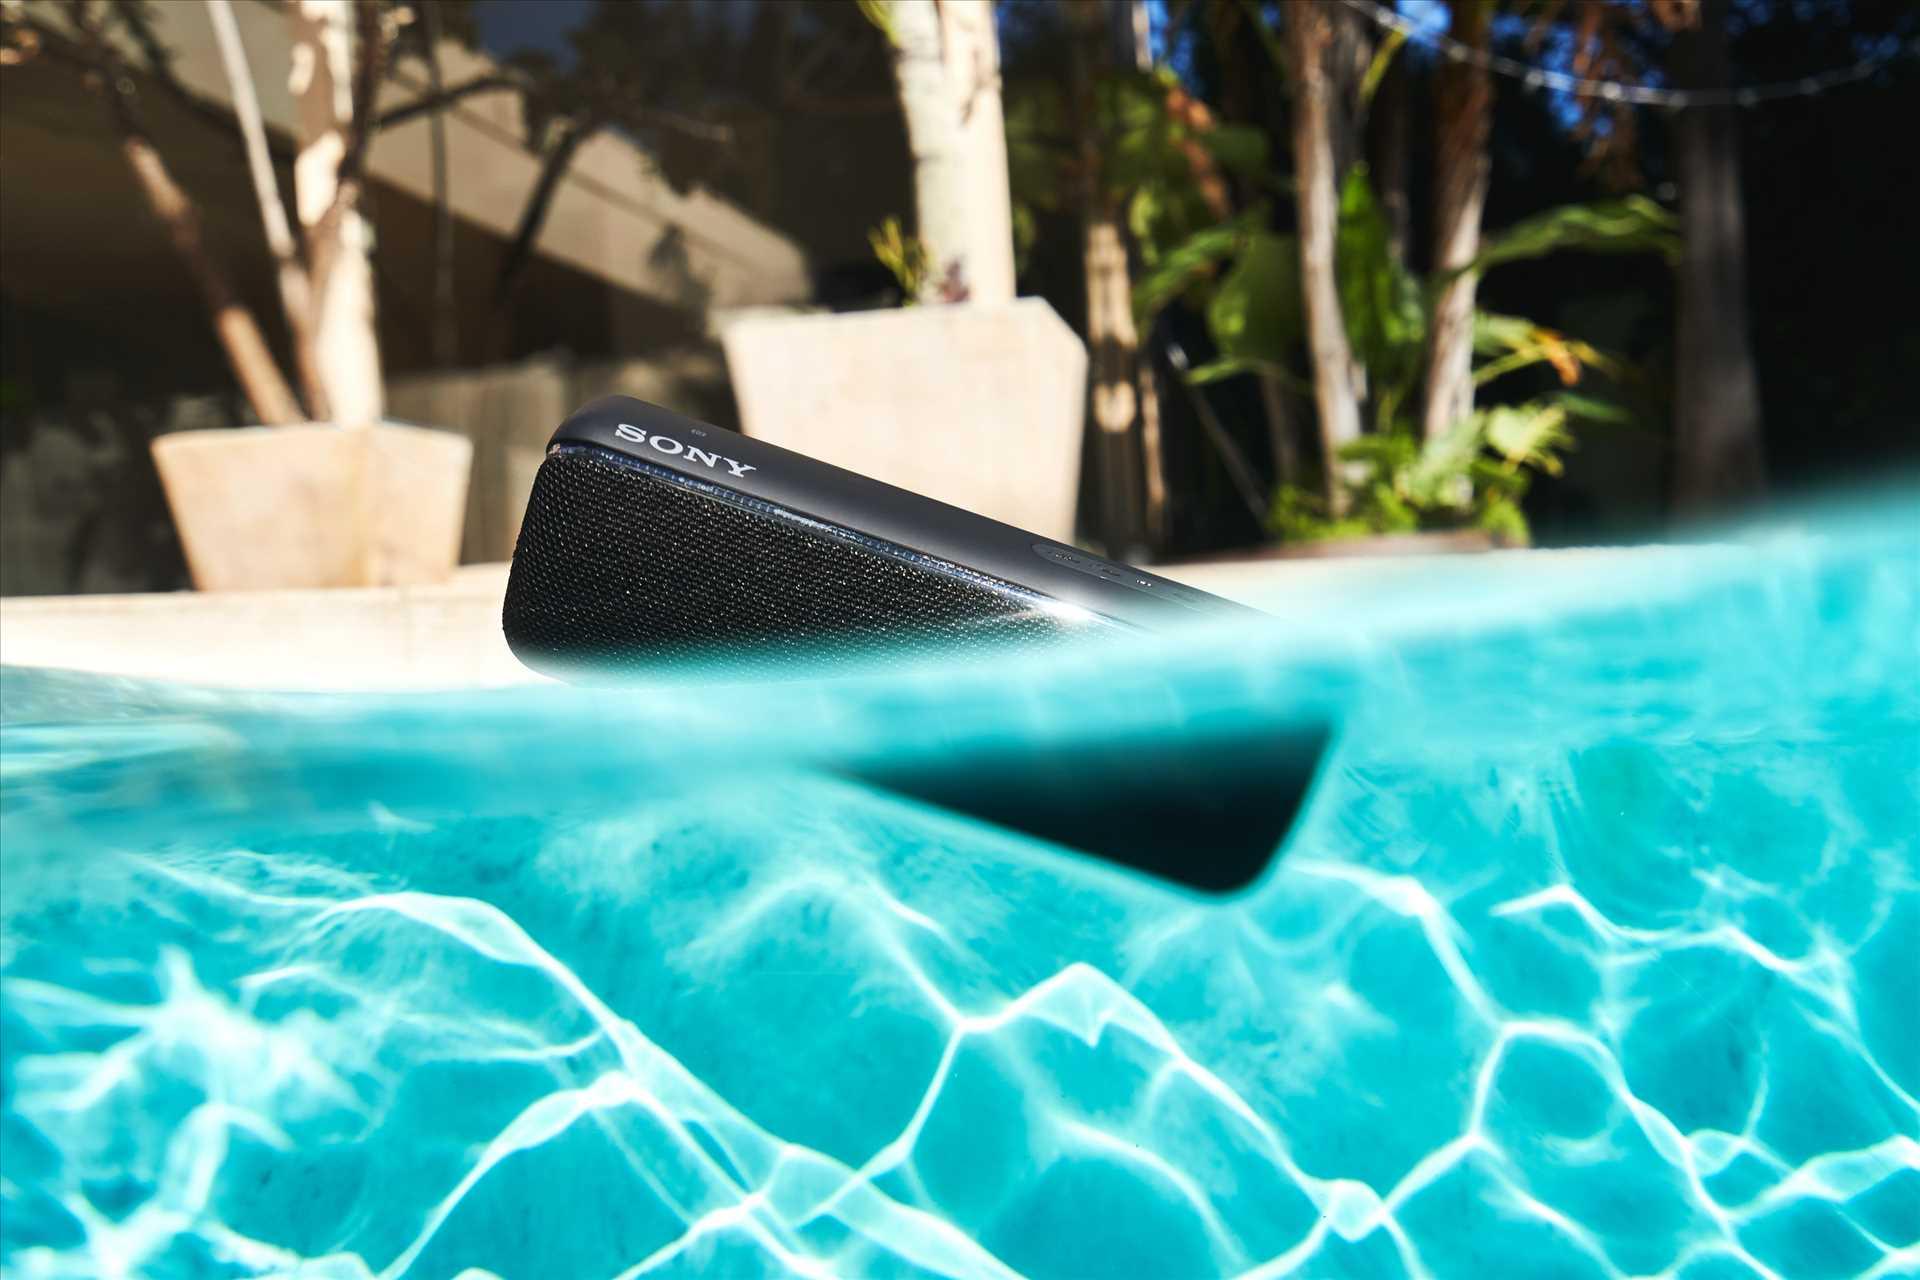 רמקול נייד שחור Sony SRS-XB32B סוני - תמונה 17